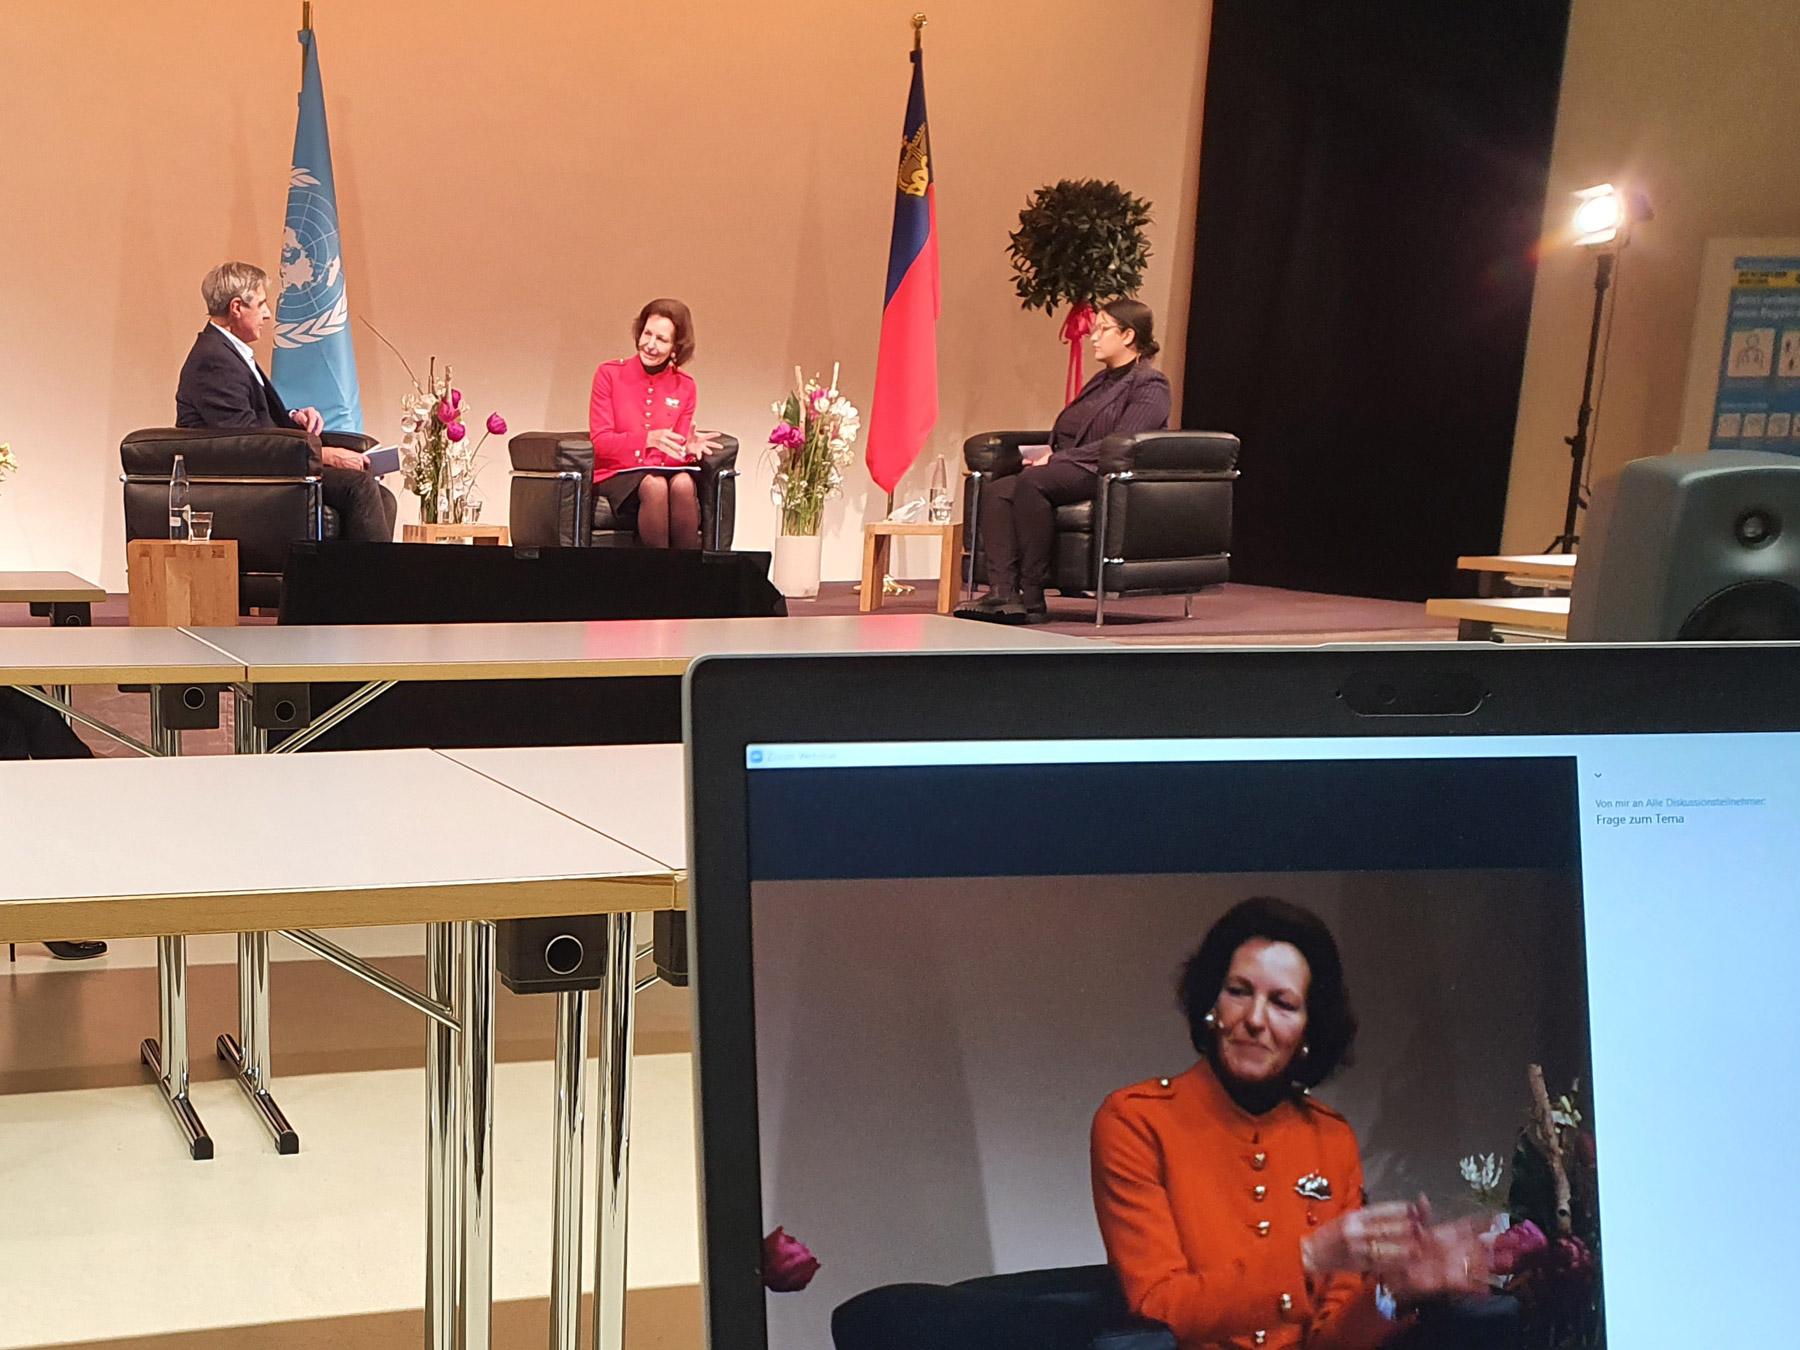 """Livestream des Vortrags der Präsidentin des Menschenrechtsrats der Vereinten Nationen, Elisabeth Tichy-Fisslberger zum Thema """"Menschenrechte im Rahmen der UNO"""" im Rahmen eines digitalen Events"""